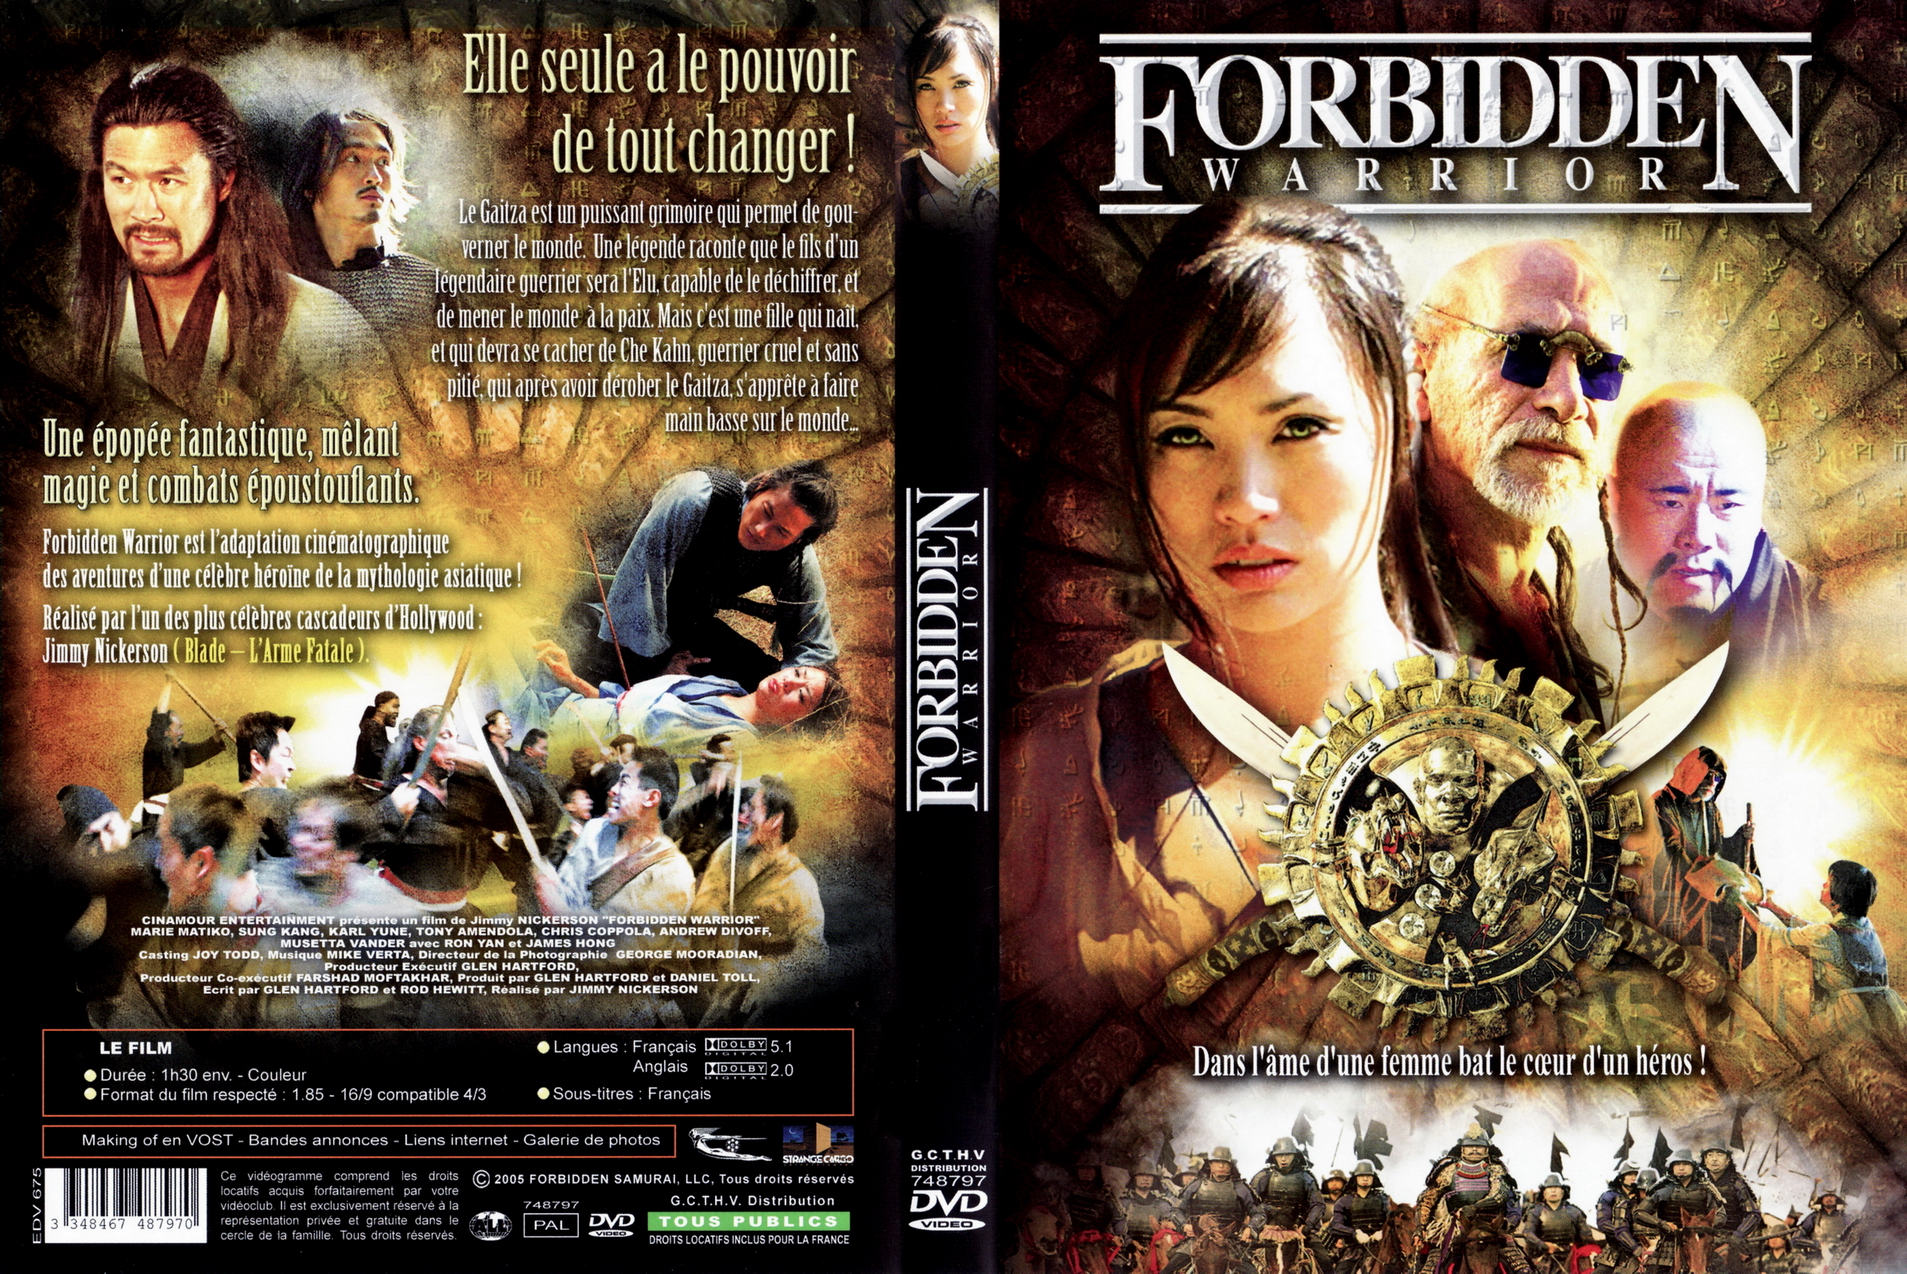 Forbidden Warrior